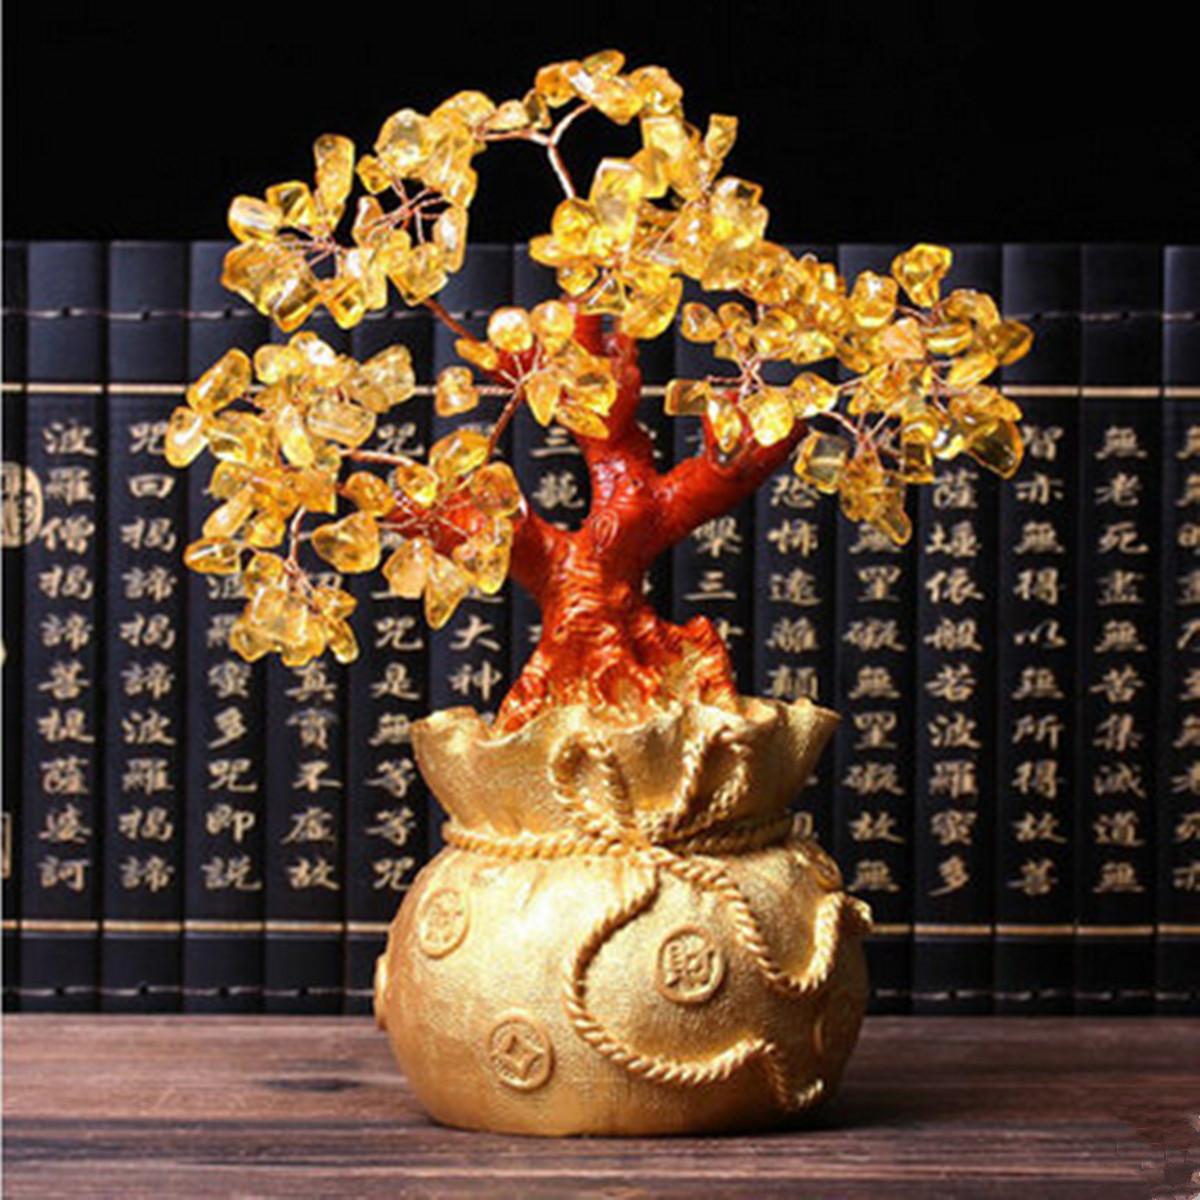 feng shui arbre en citrine gem chine d 39 arbre lucky porte bonheur decor maison. Black Bedroom Furniture Sets. Home Design Ideas